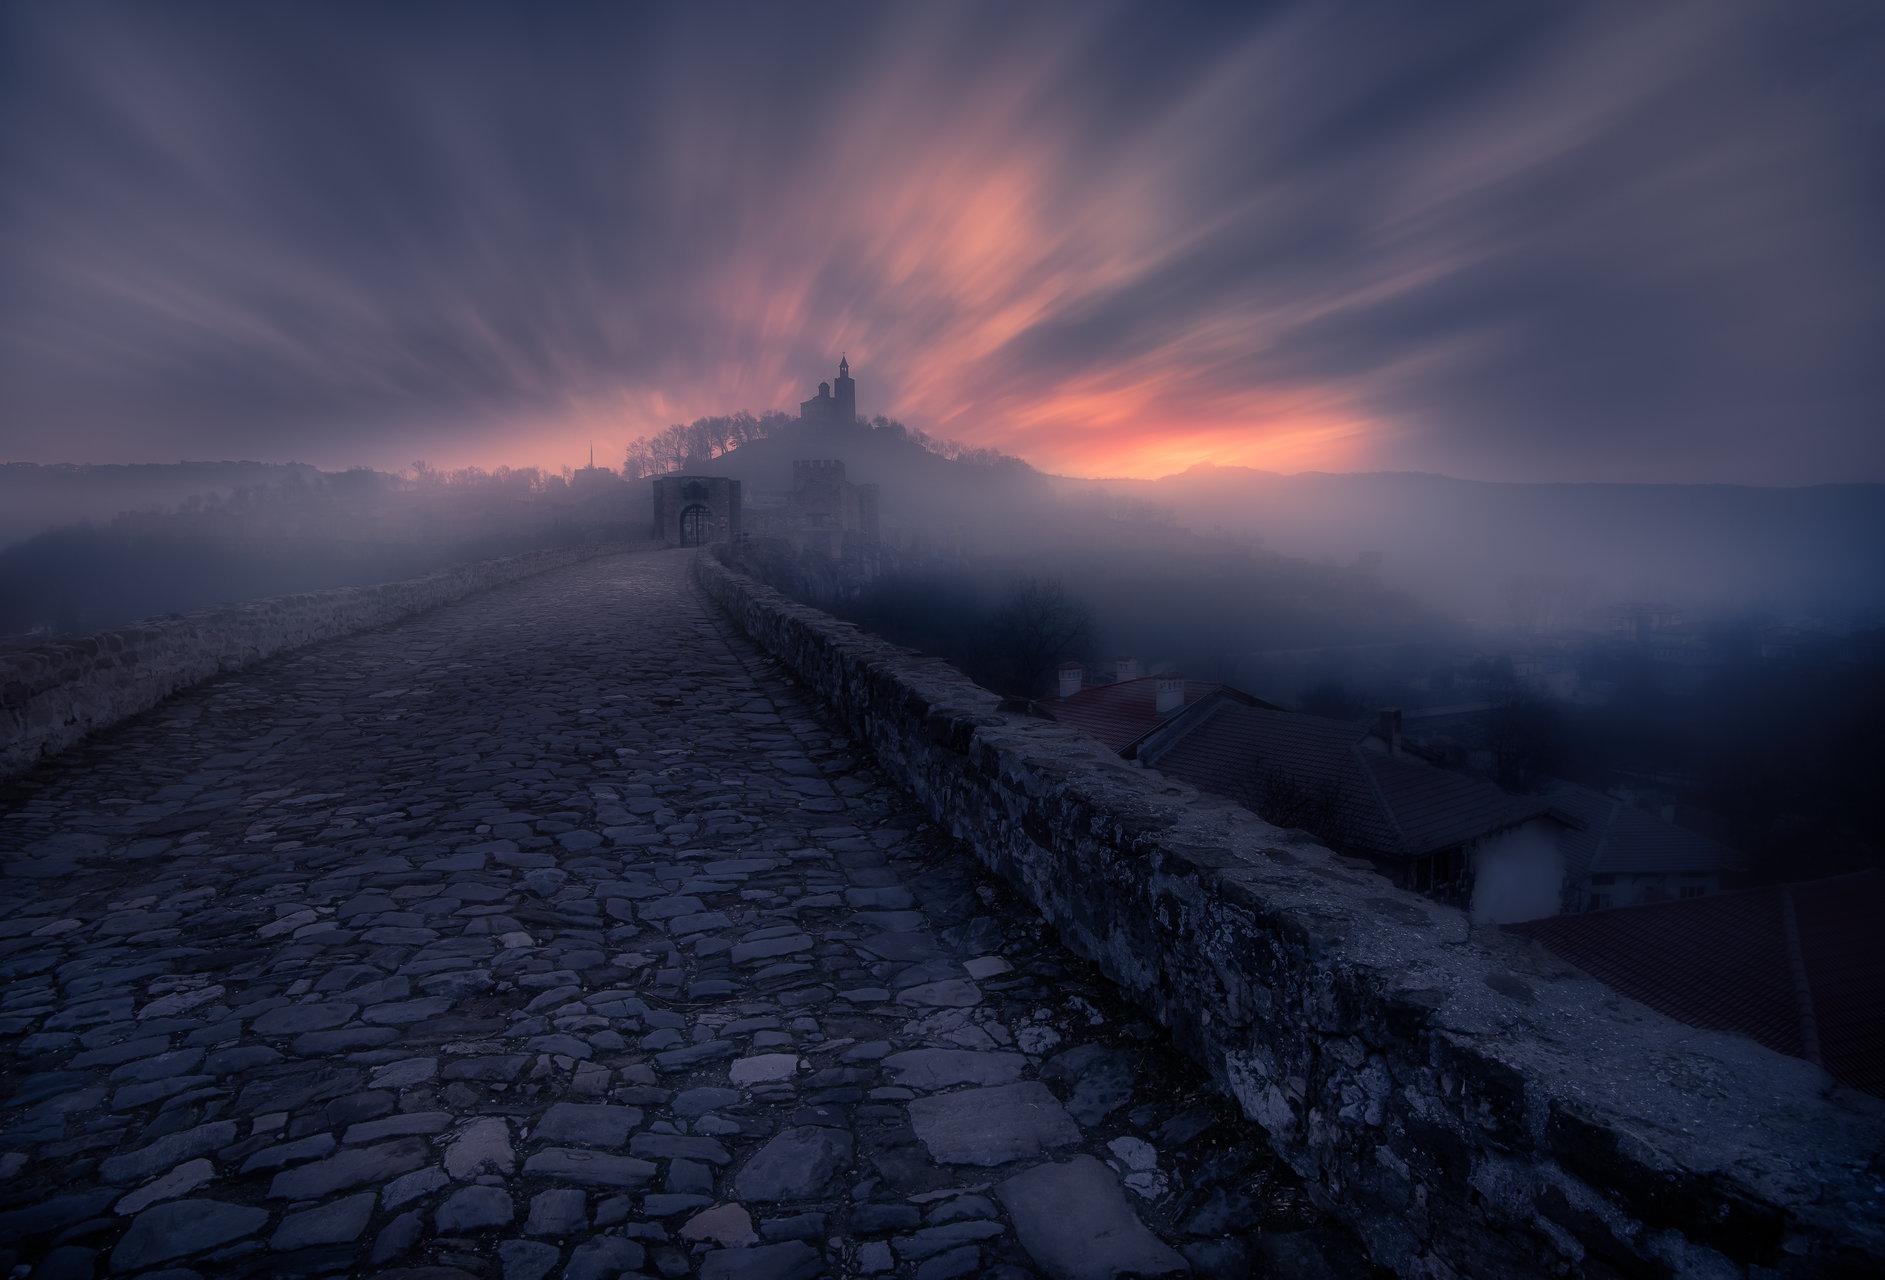 Утро във старата столица   Author ivailo bosev - piff   PHOTO FORUM